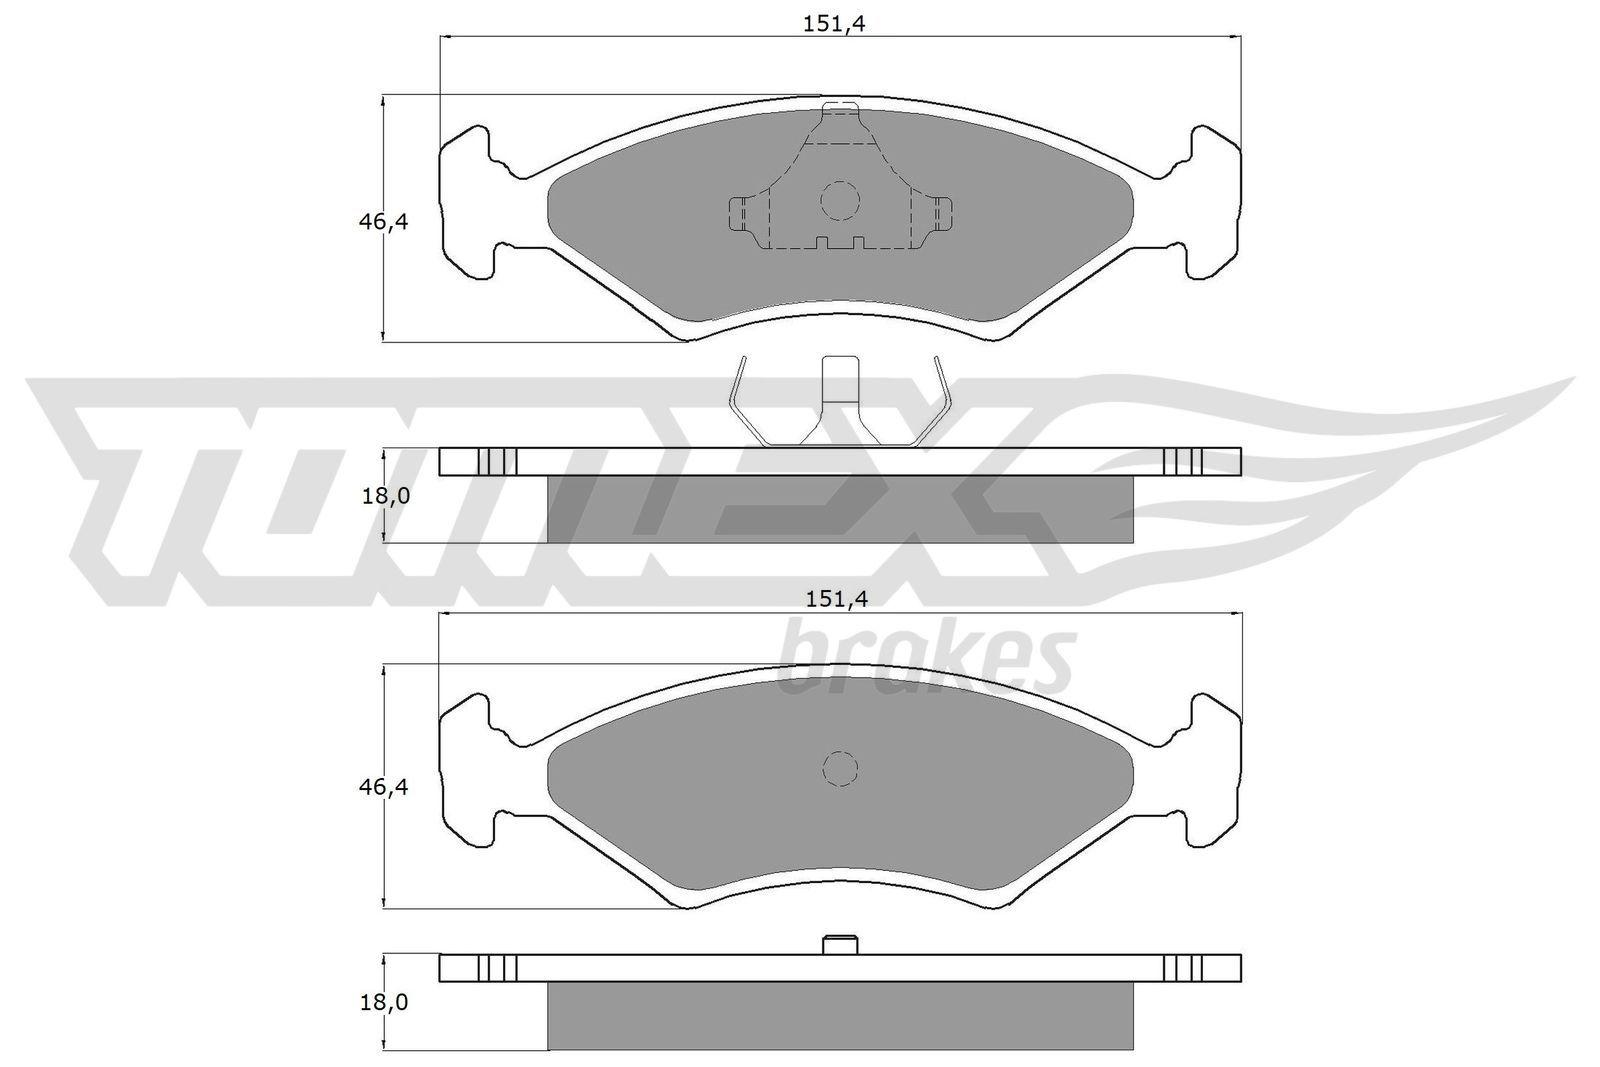 Bremsbeläge Ford Fiesta Mk2 hinten + vorne 1984 - TOMEX brakes TX 10-28 (Höhe: 46,4mm, Breite: 151,4mm, Dicke/Stärke: 18mm)